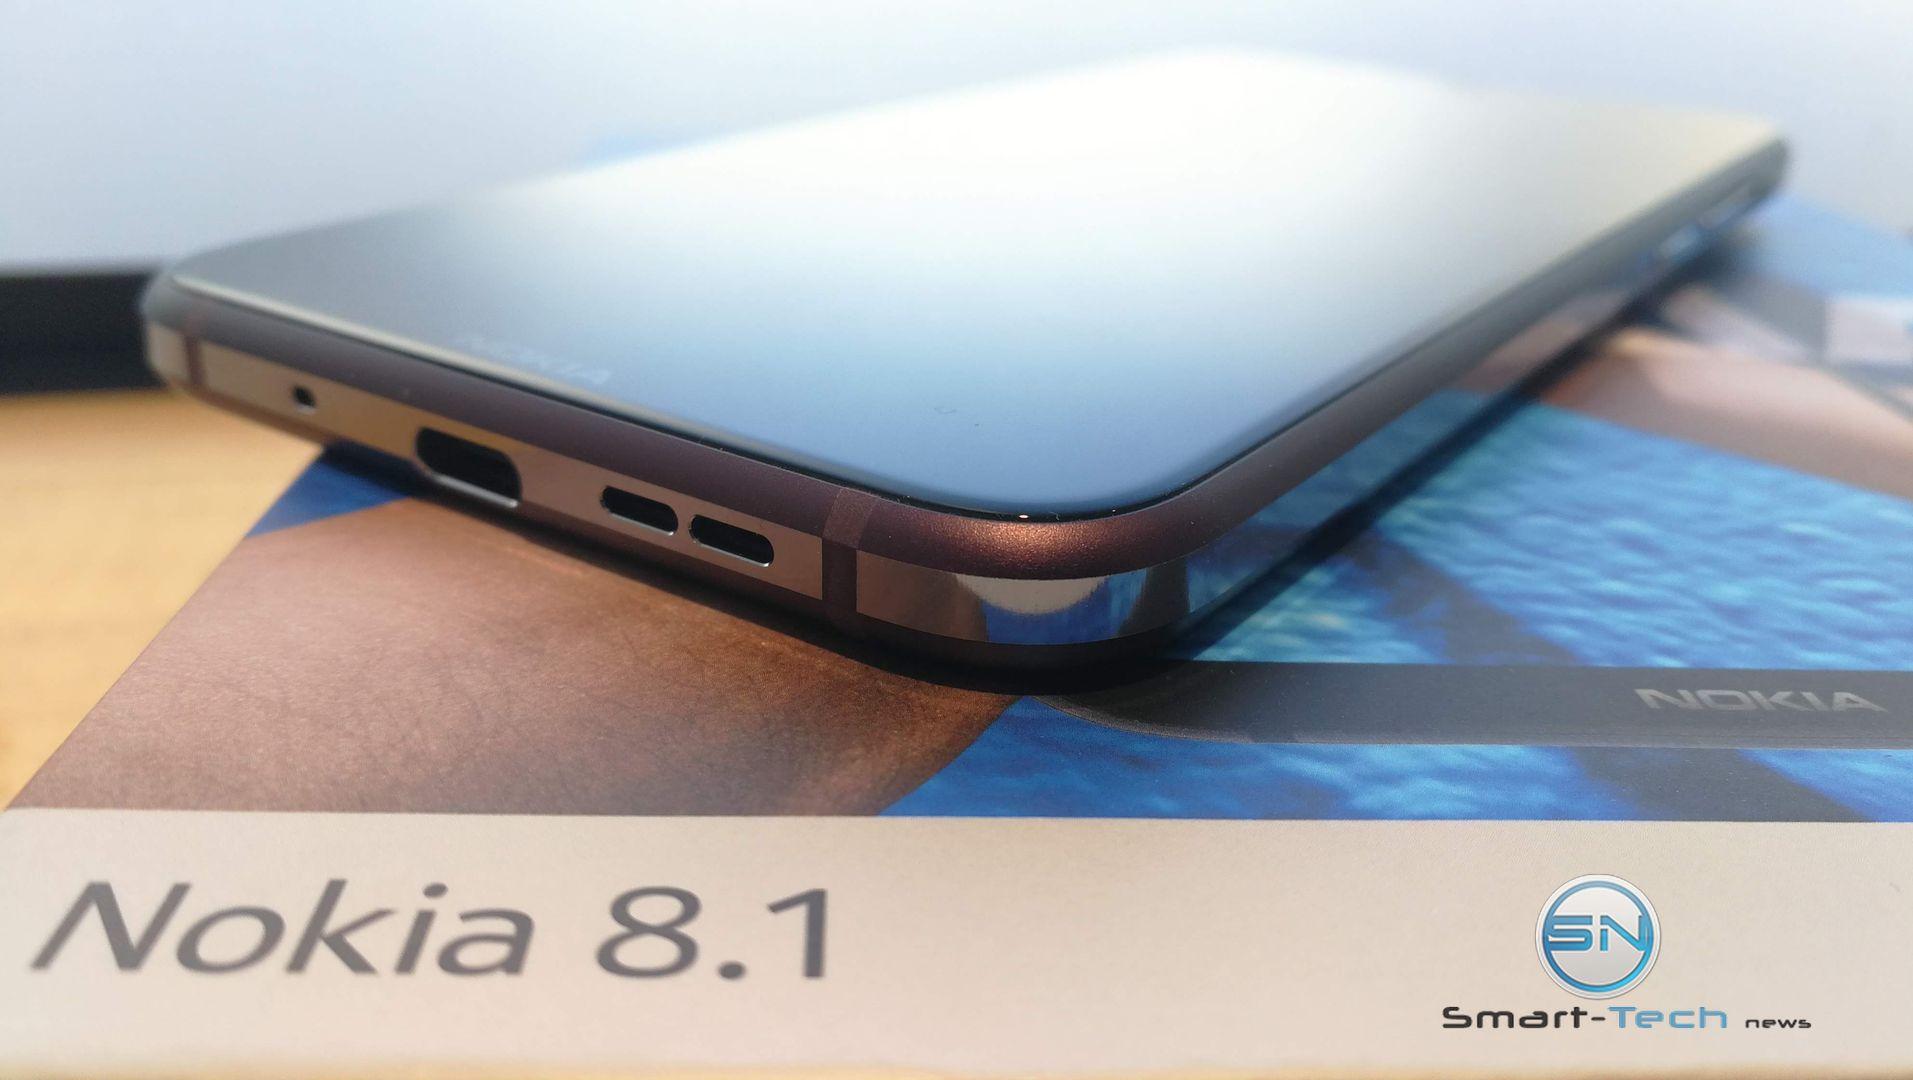 Nokia 8_1 USB C - SmartTechNews